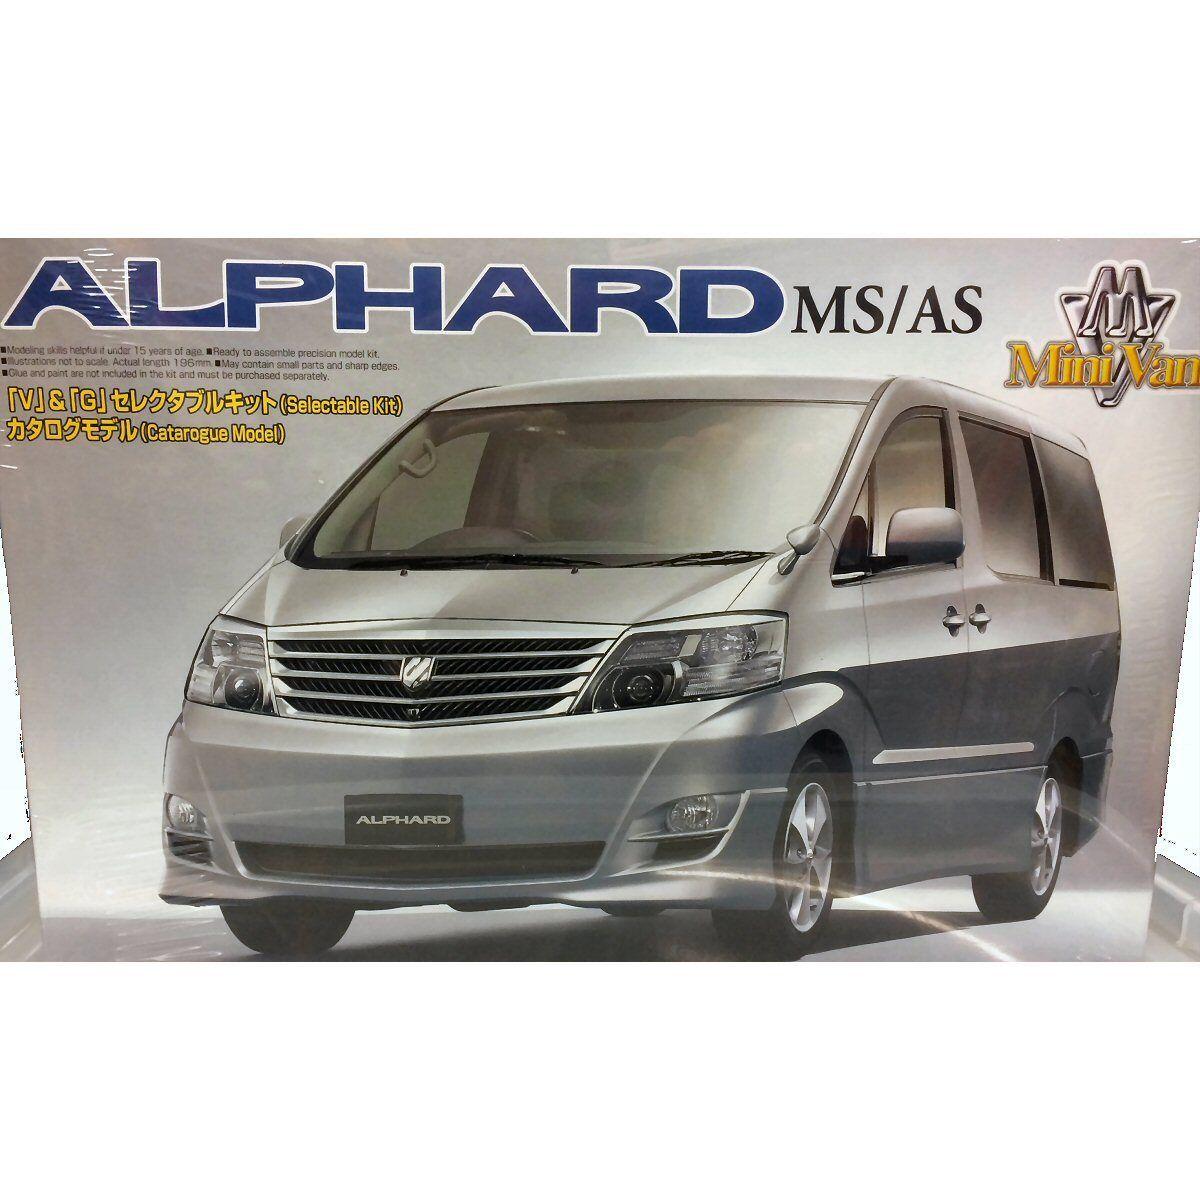 Aoshima 037898 Alphard MS AS Minivan 1 24 scale plastic model kit